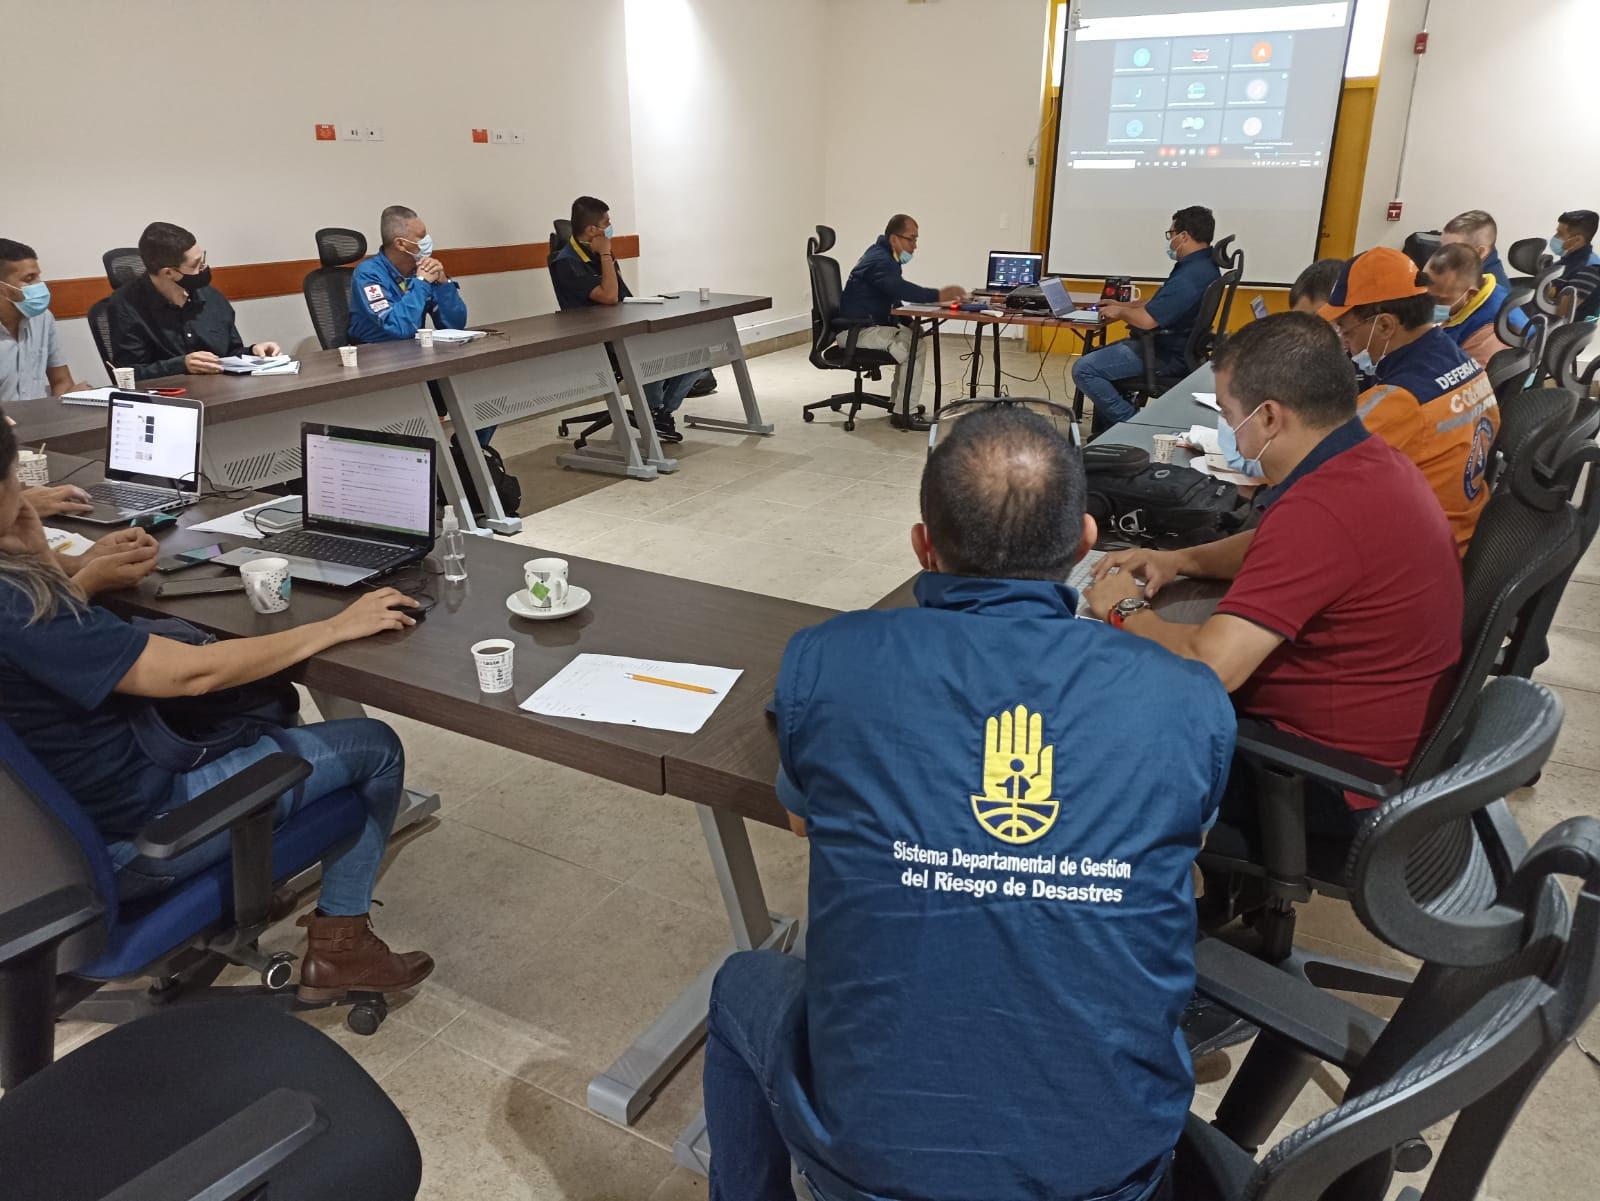 Con escenarios de sismo, inundaciones y deslizamientos, los 14 municipios de Risaralda participaron en el Simulacro Nacional de Respuesta a Emergencias, que se realizó este jueves y que contó con la participación de 38.719 mil personas y cerca de 900 entidades públicas y privadas.